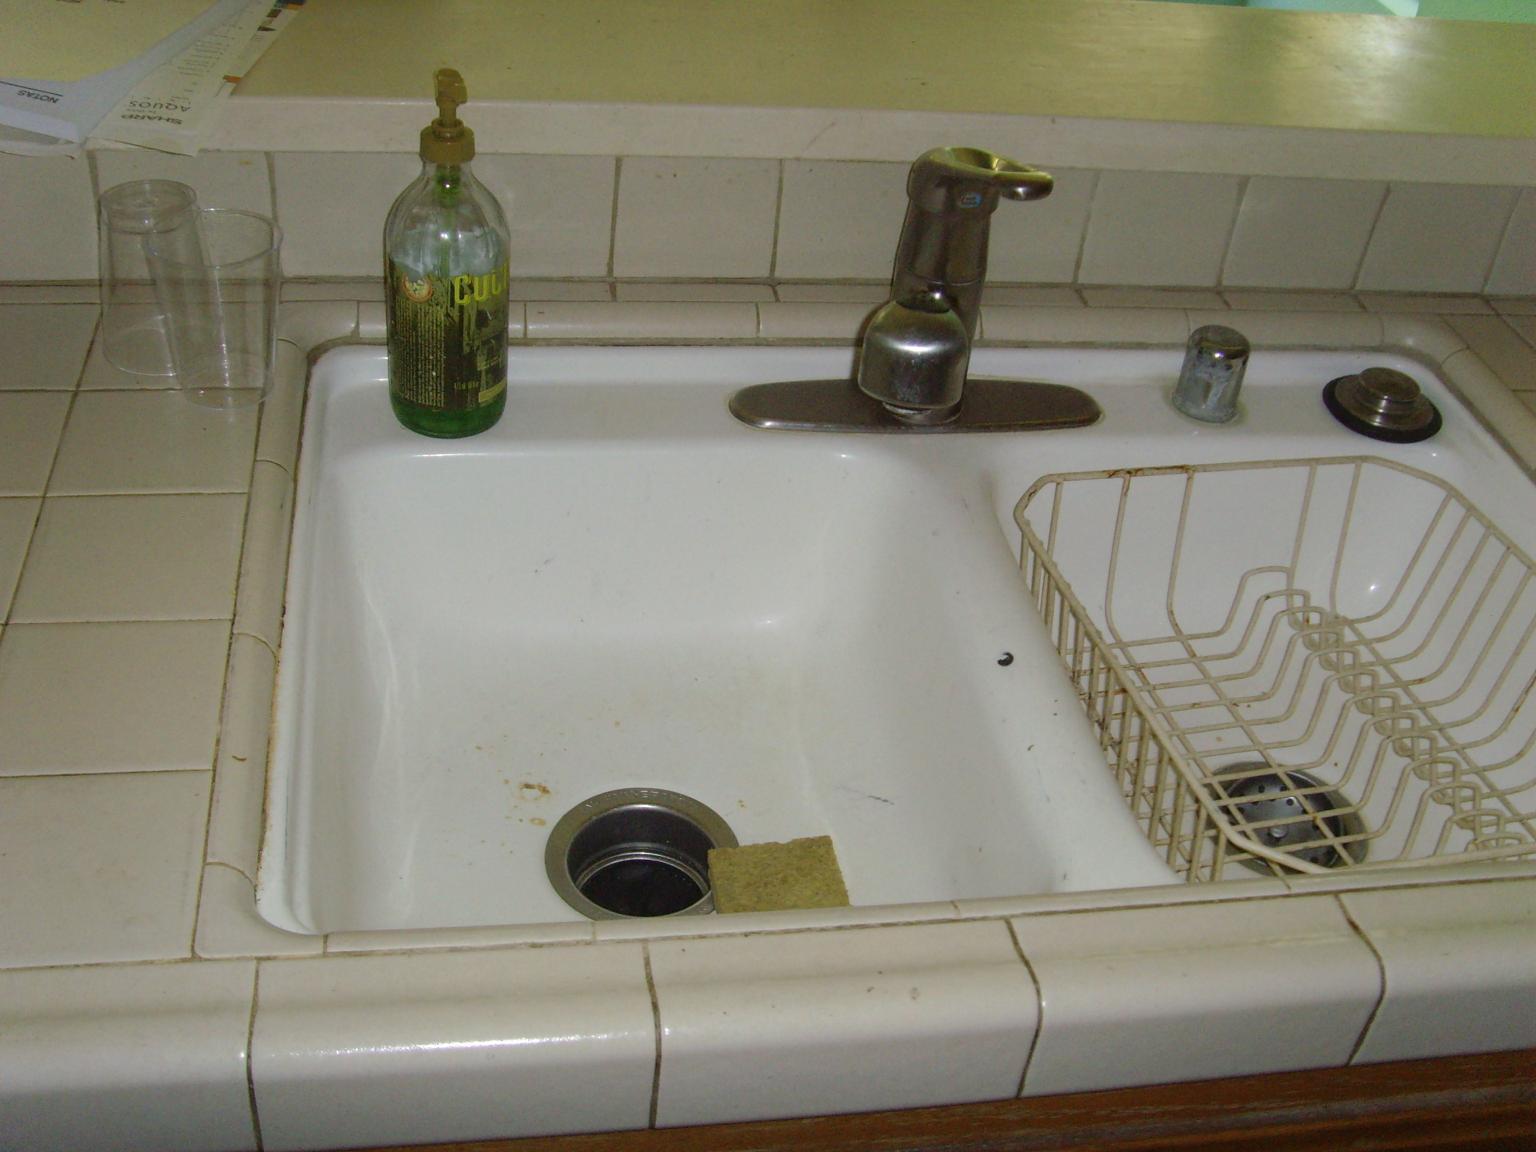 Seduta pieghevole per cabina doccia - Lavandini da cucina in ceramica ...